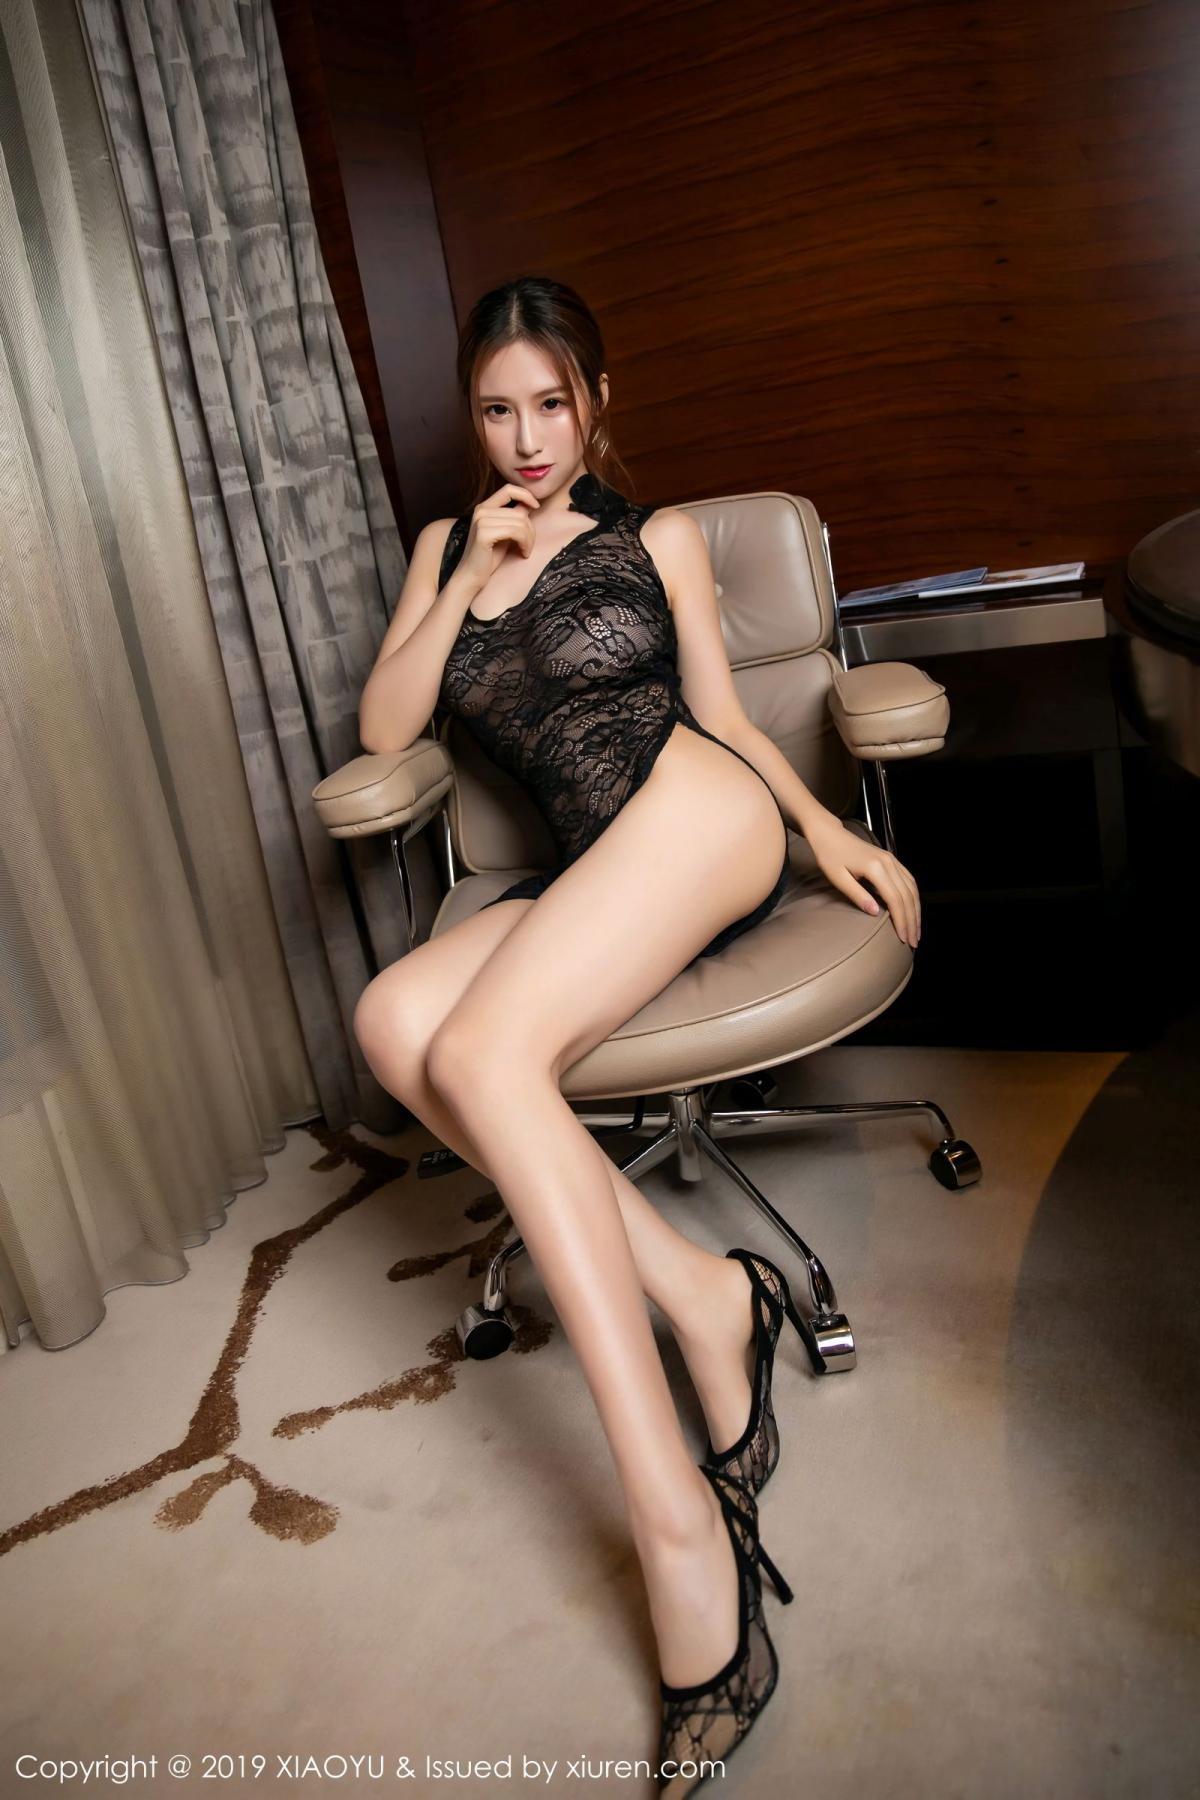 [XiaoYu] Vol.108 Yue Yin Tong 32P, Underwear, XiaoYu, Yue Yin Tong